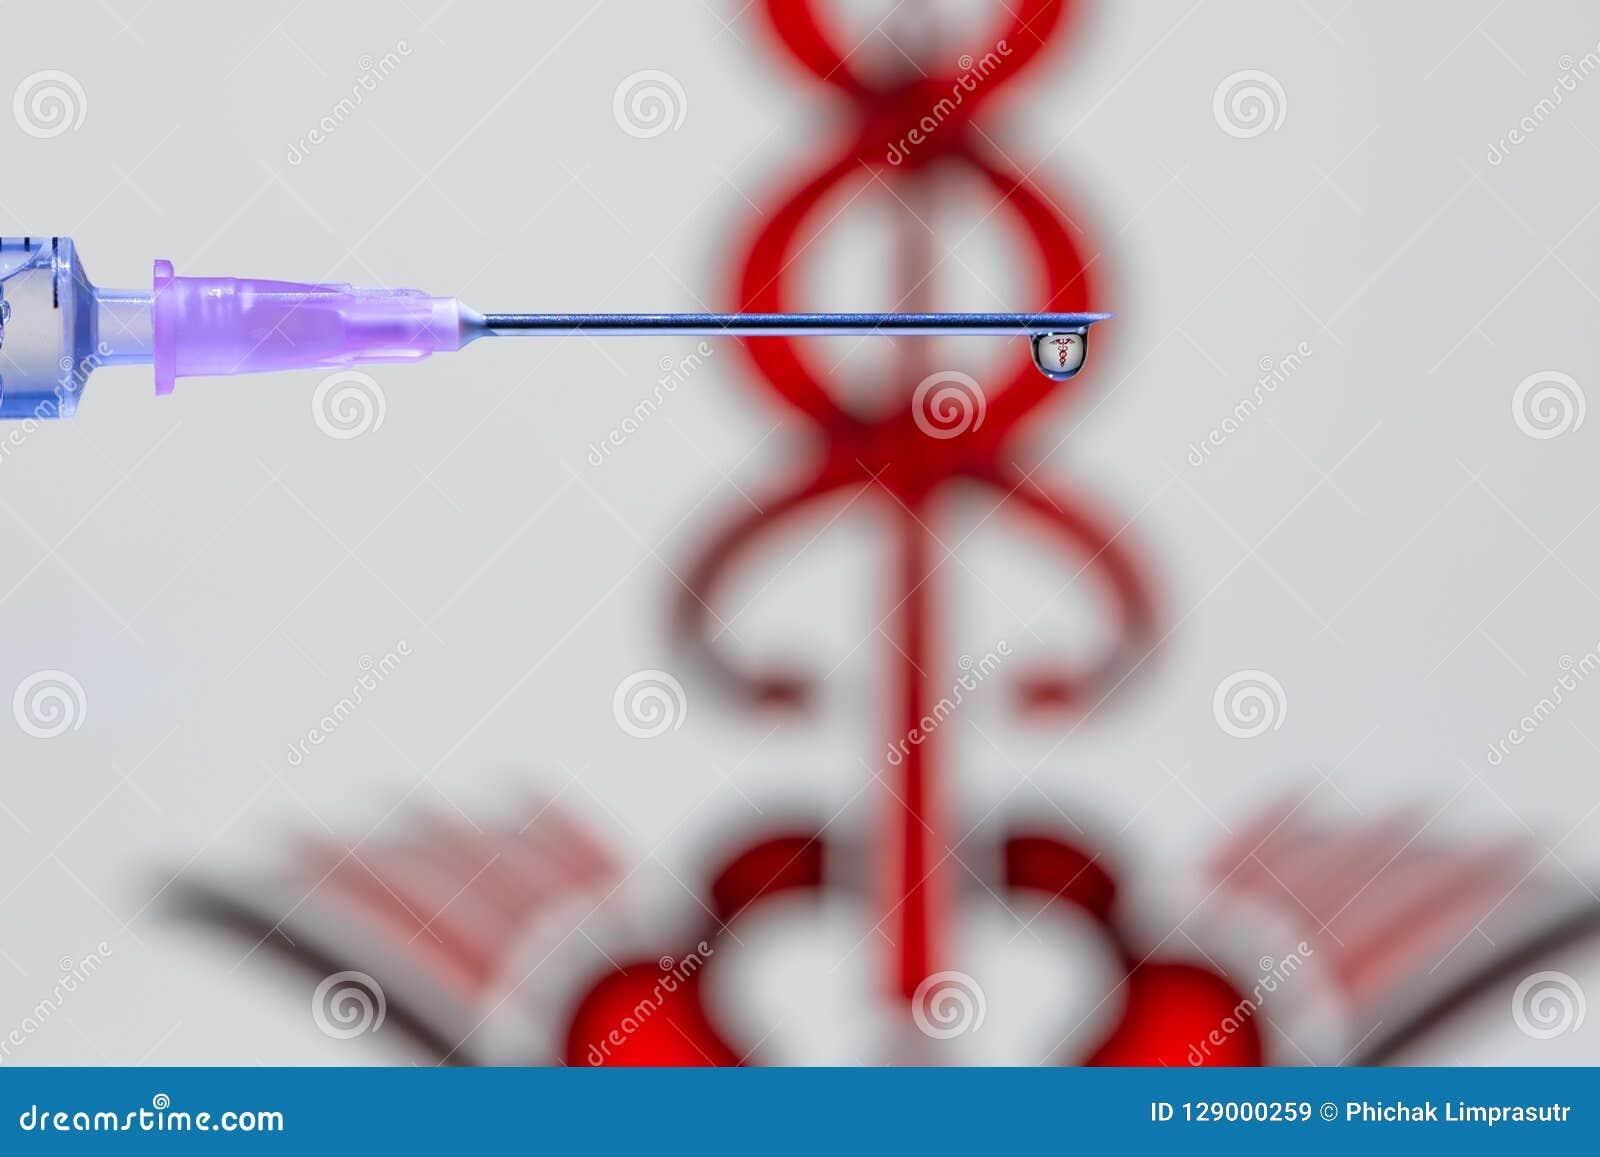 Ένα σταγονίδιο του εμβολίου στην άκρη της βελόνας και της σύριγγας